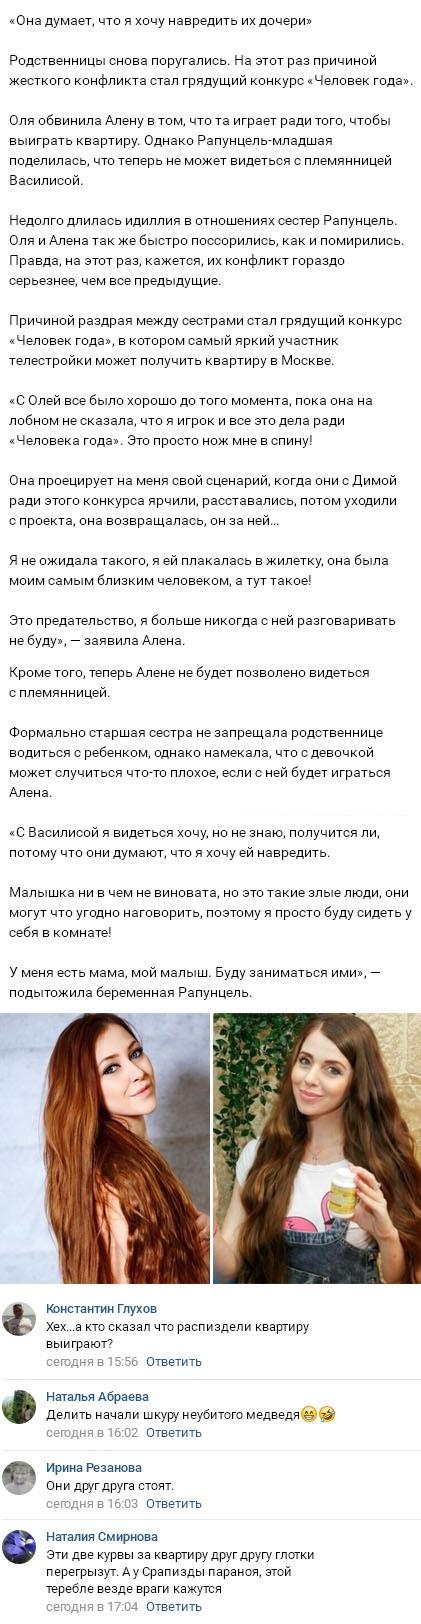 Почему Алена Савкина так ненавидит родную сестру Ольгу Рапунцель